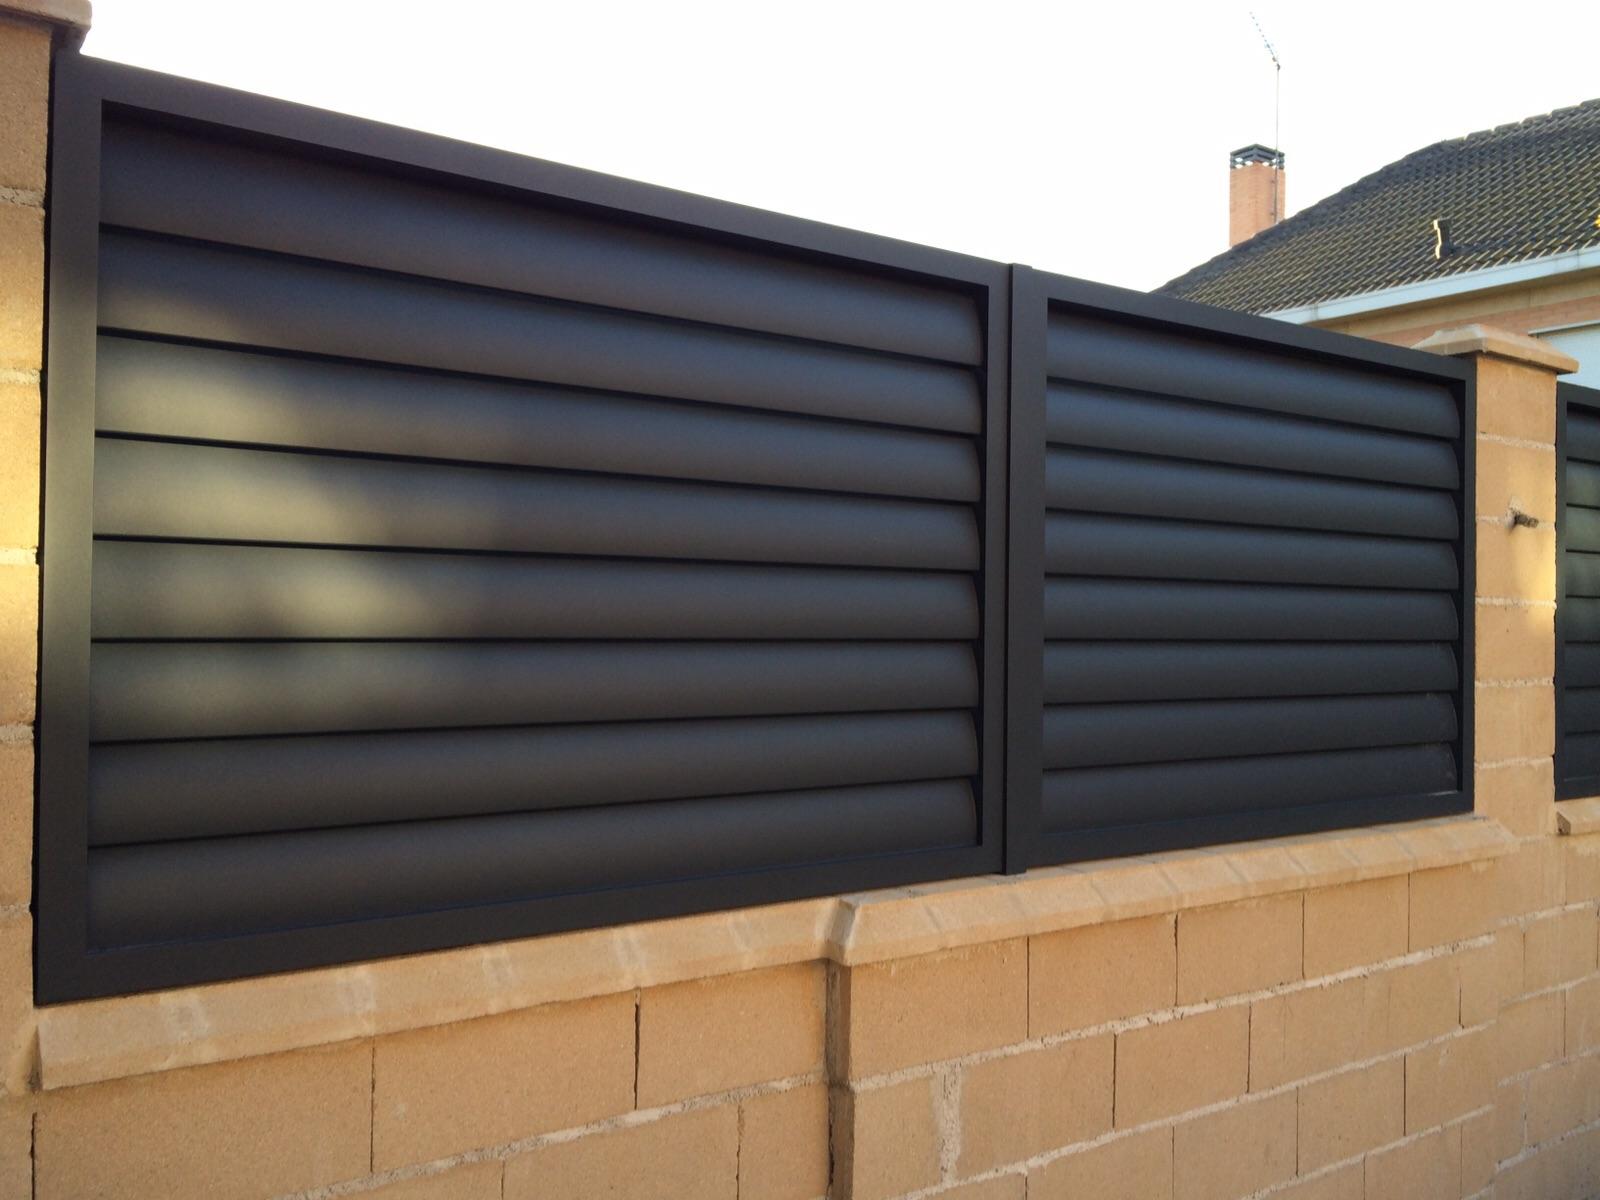 Valla de aluminio soldado modelo torrej n patentado - Puertas de valla ...